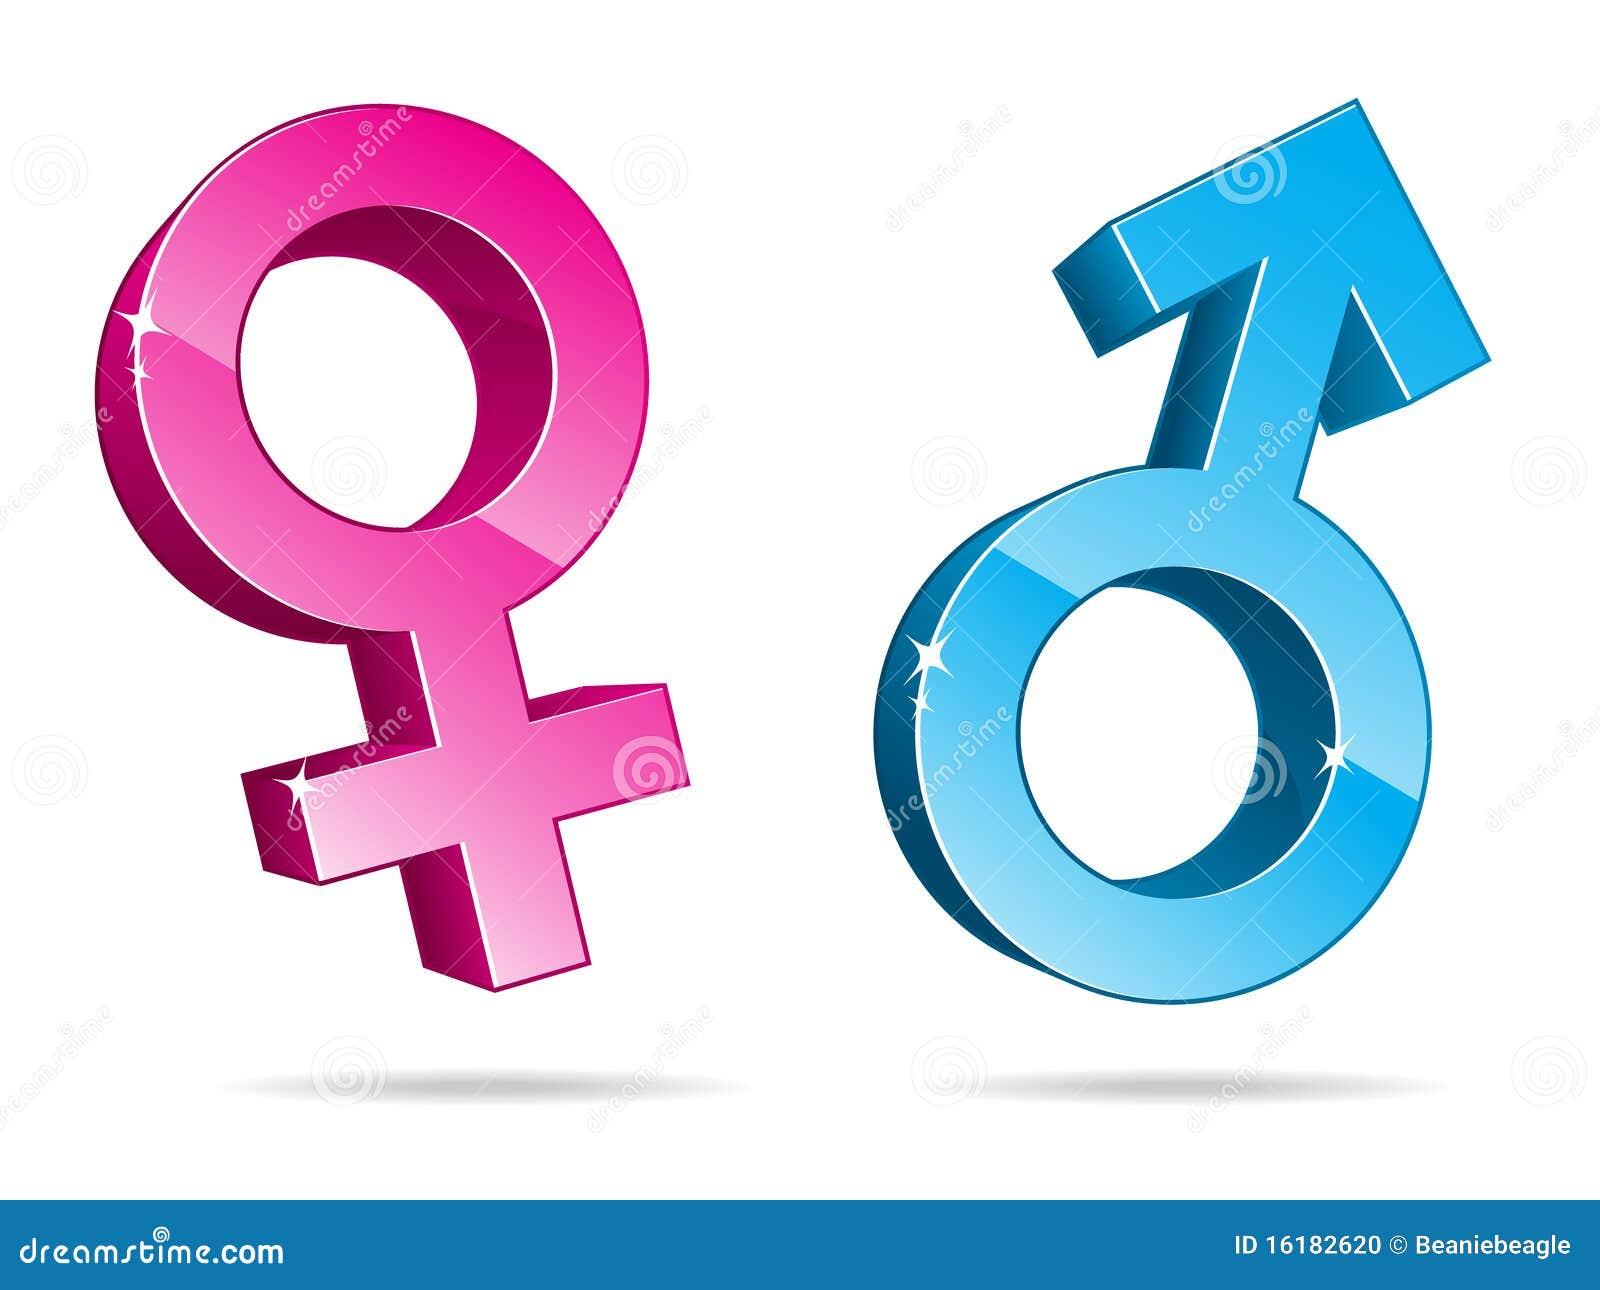 Gender symbols in 3d eps stock vector illustration of design gender symbols in 3d eps buycottarizona